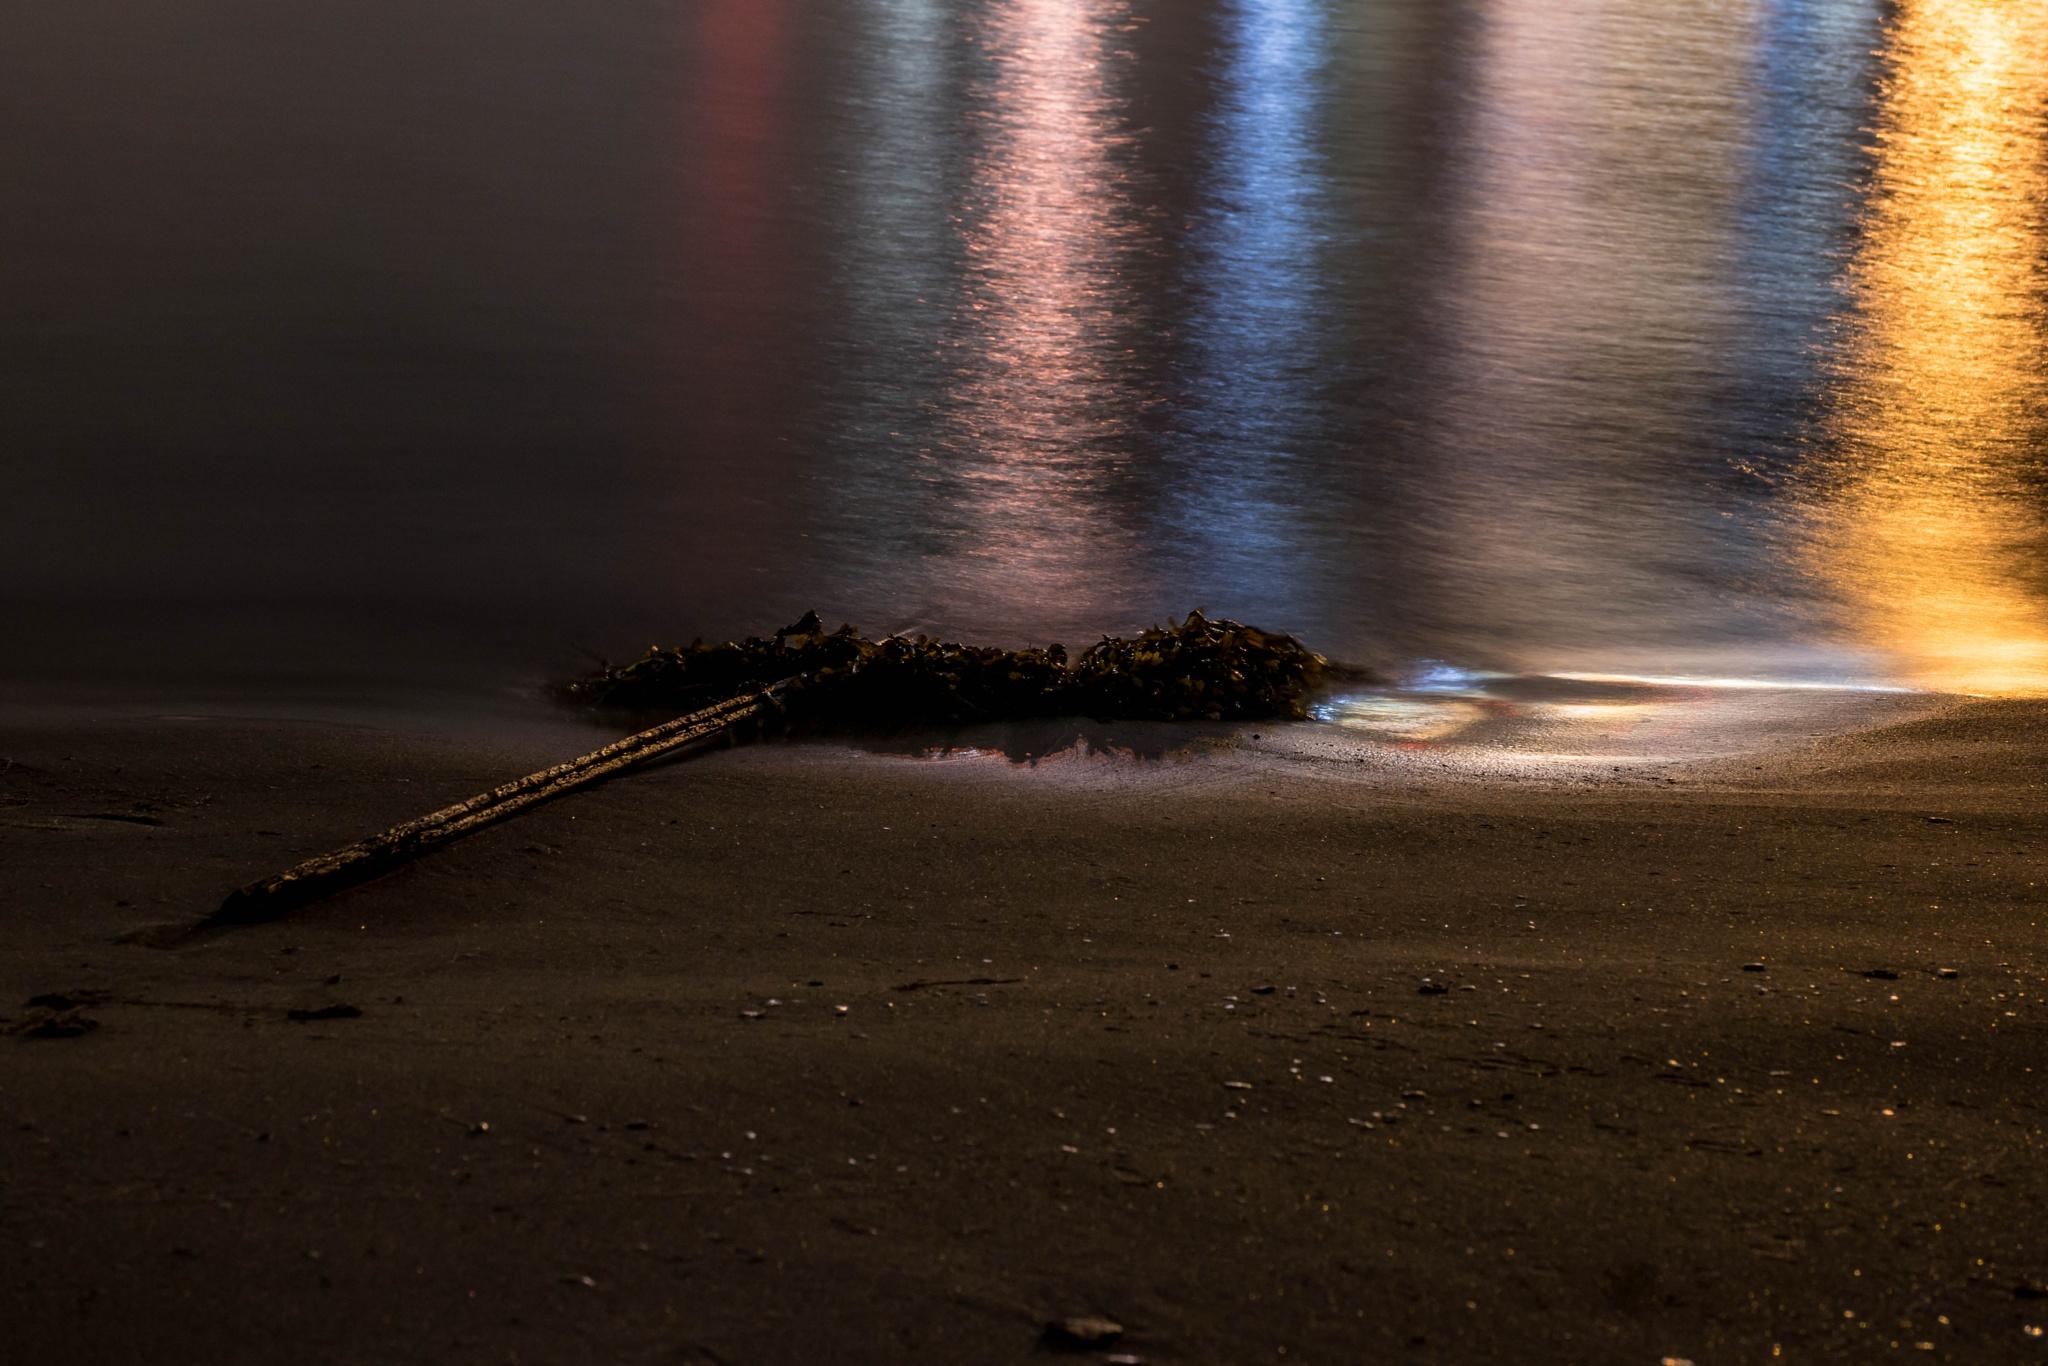 Gothenburg at night by Mattias